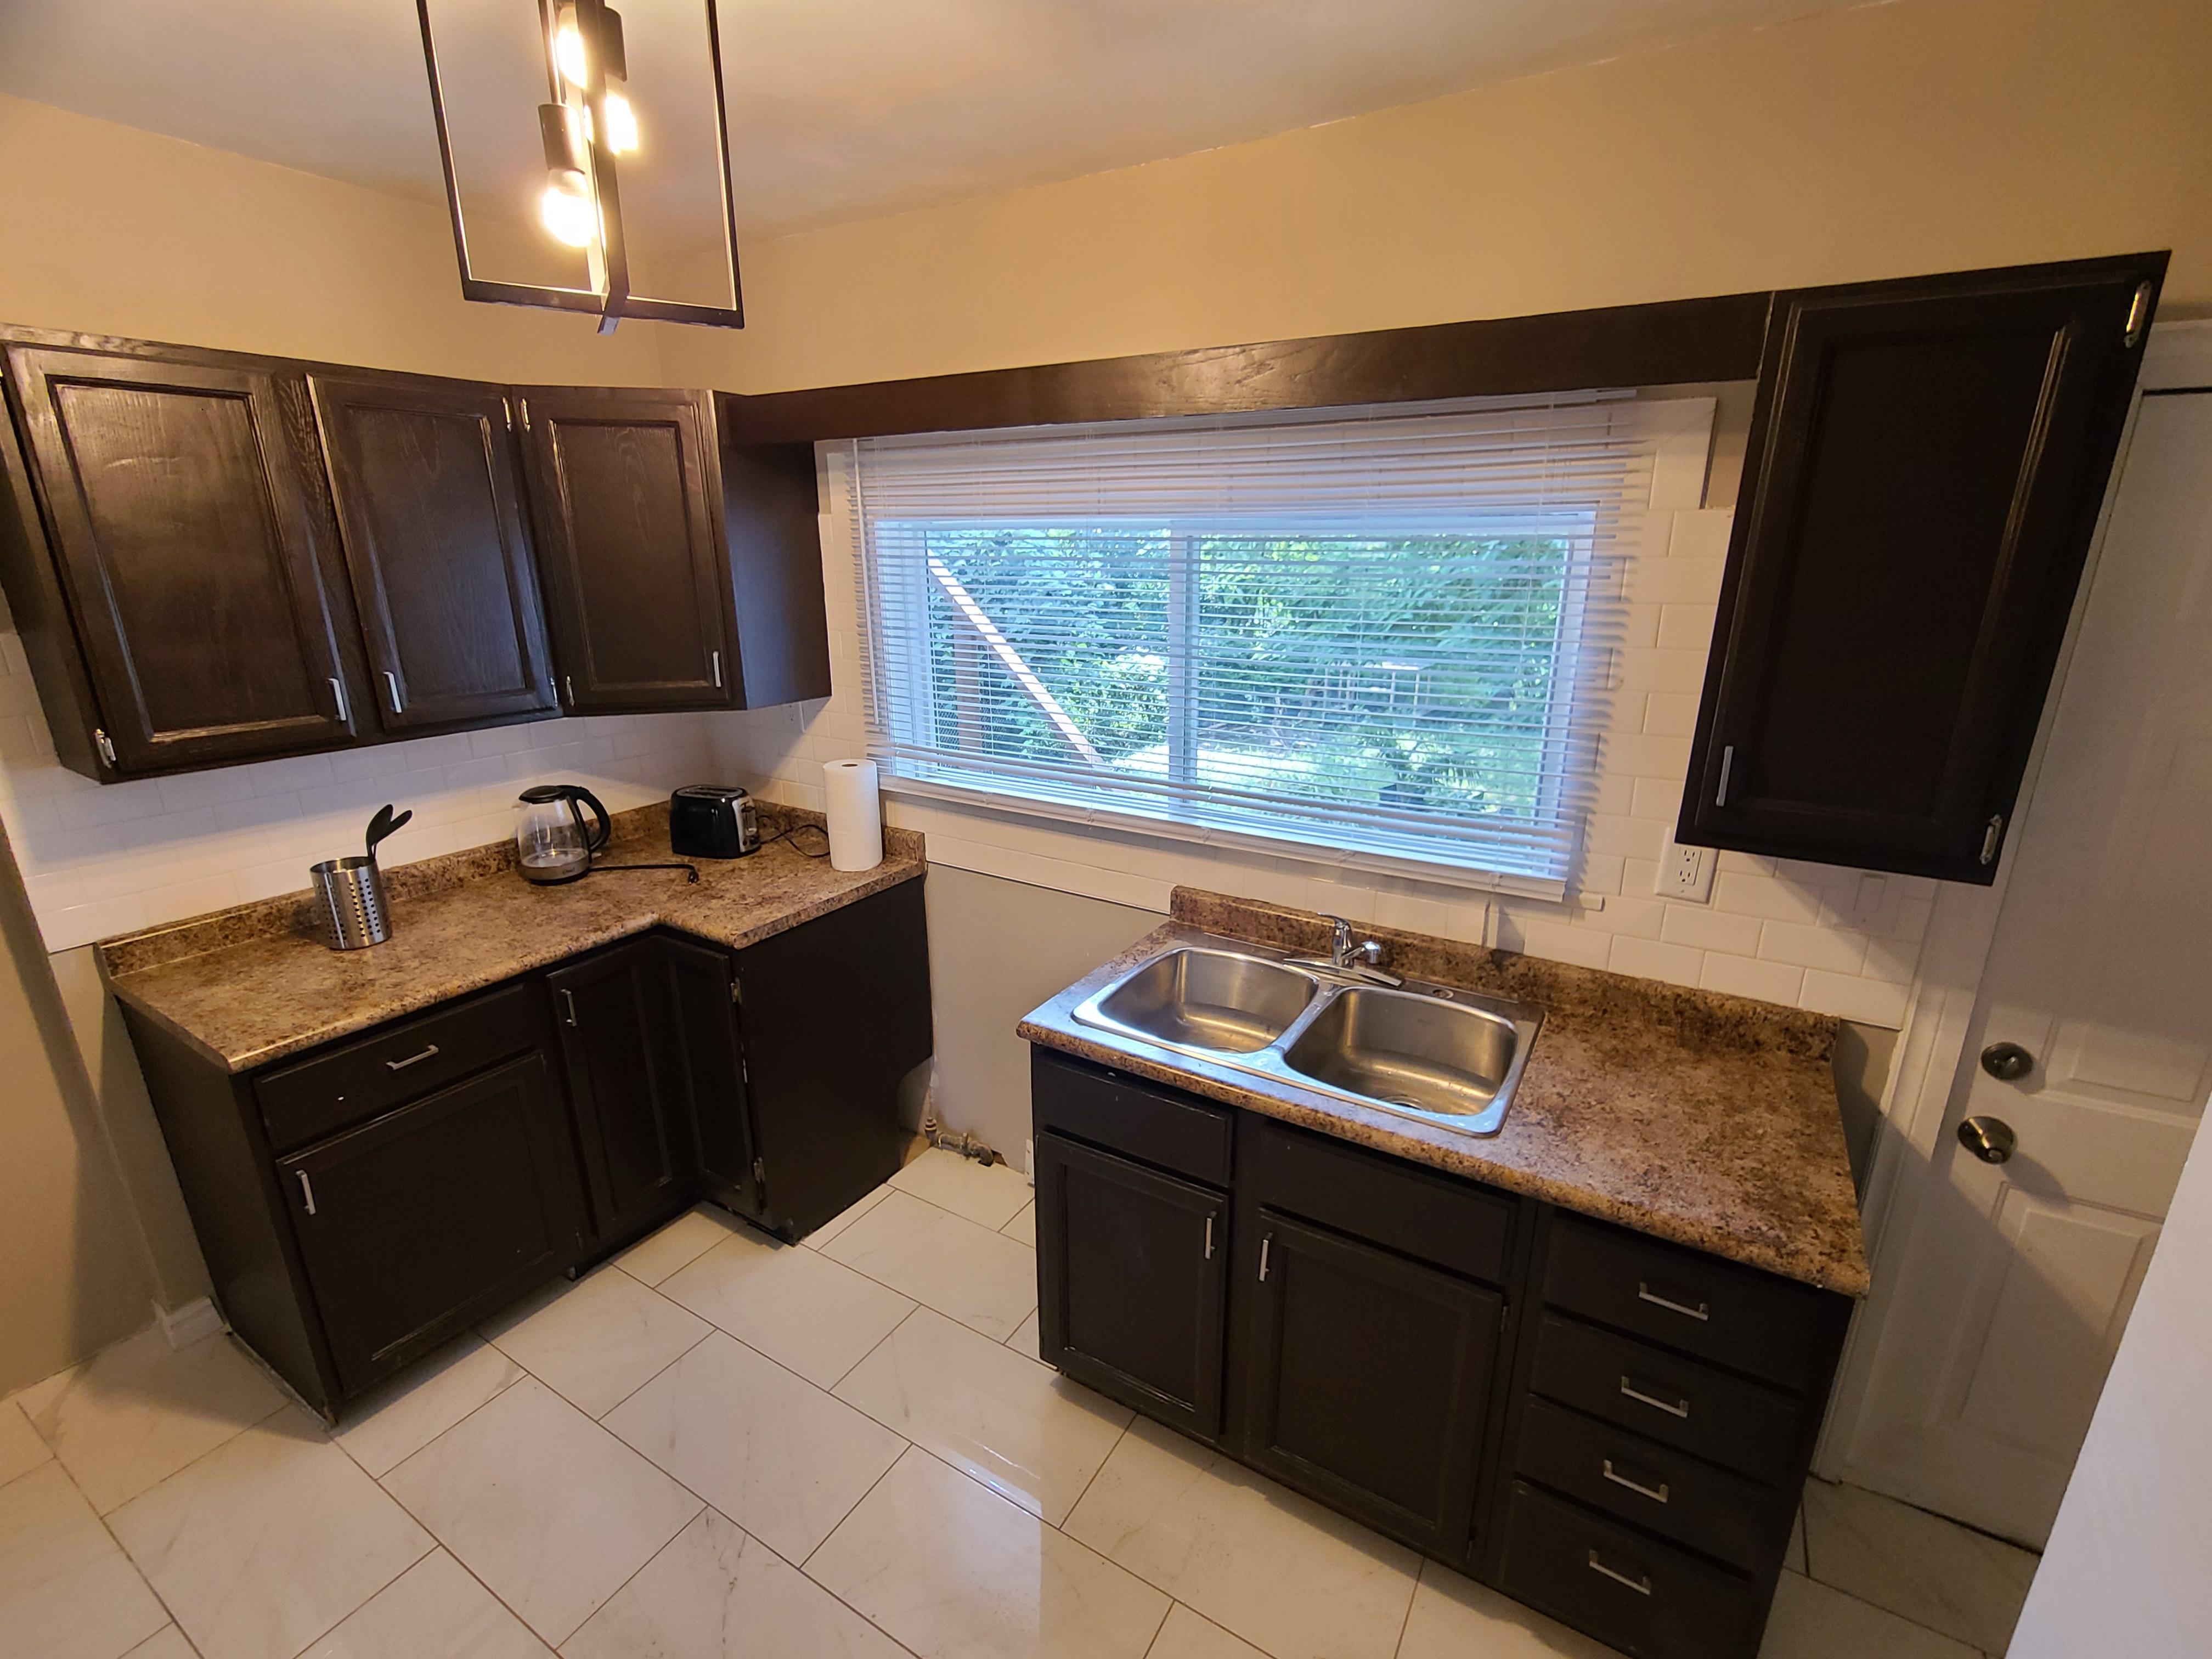 369 Indian Rd , Windsor, Ontario  N9C 2M1 - Photo 13 - RP5784294476